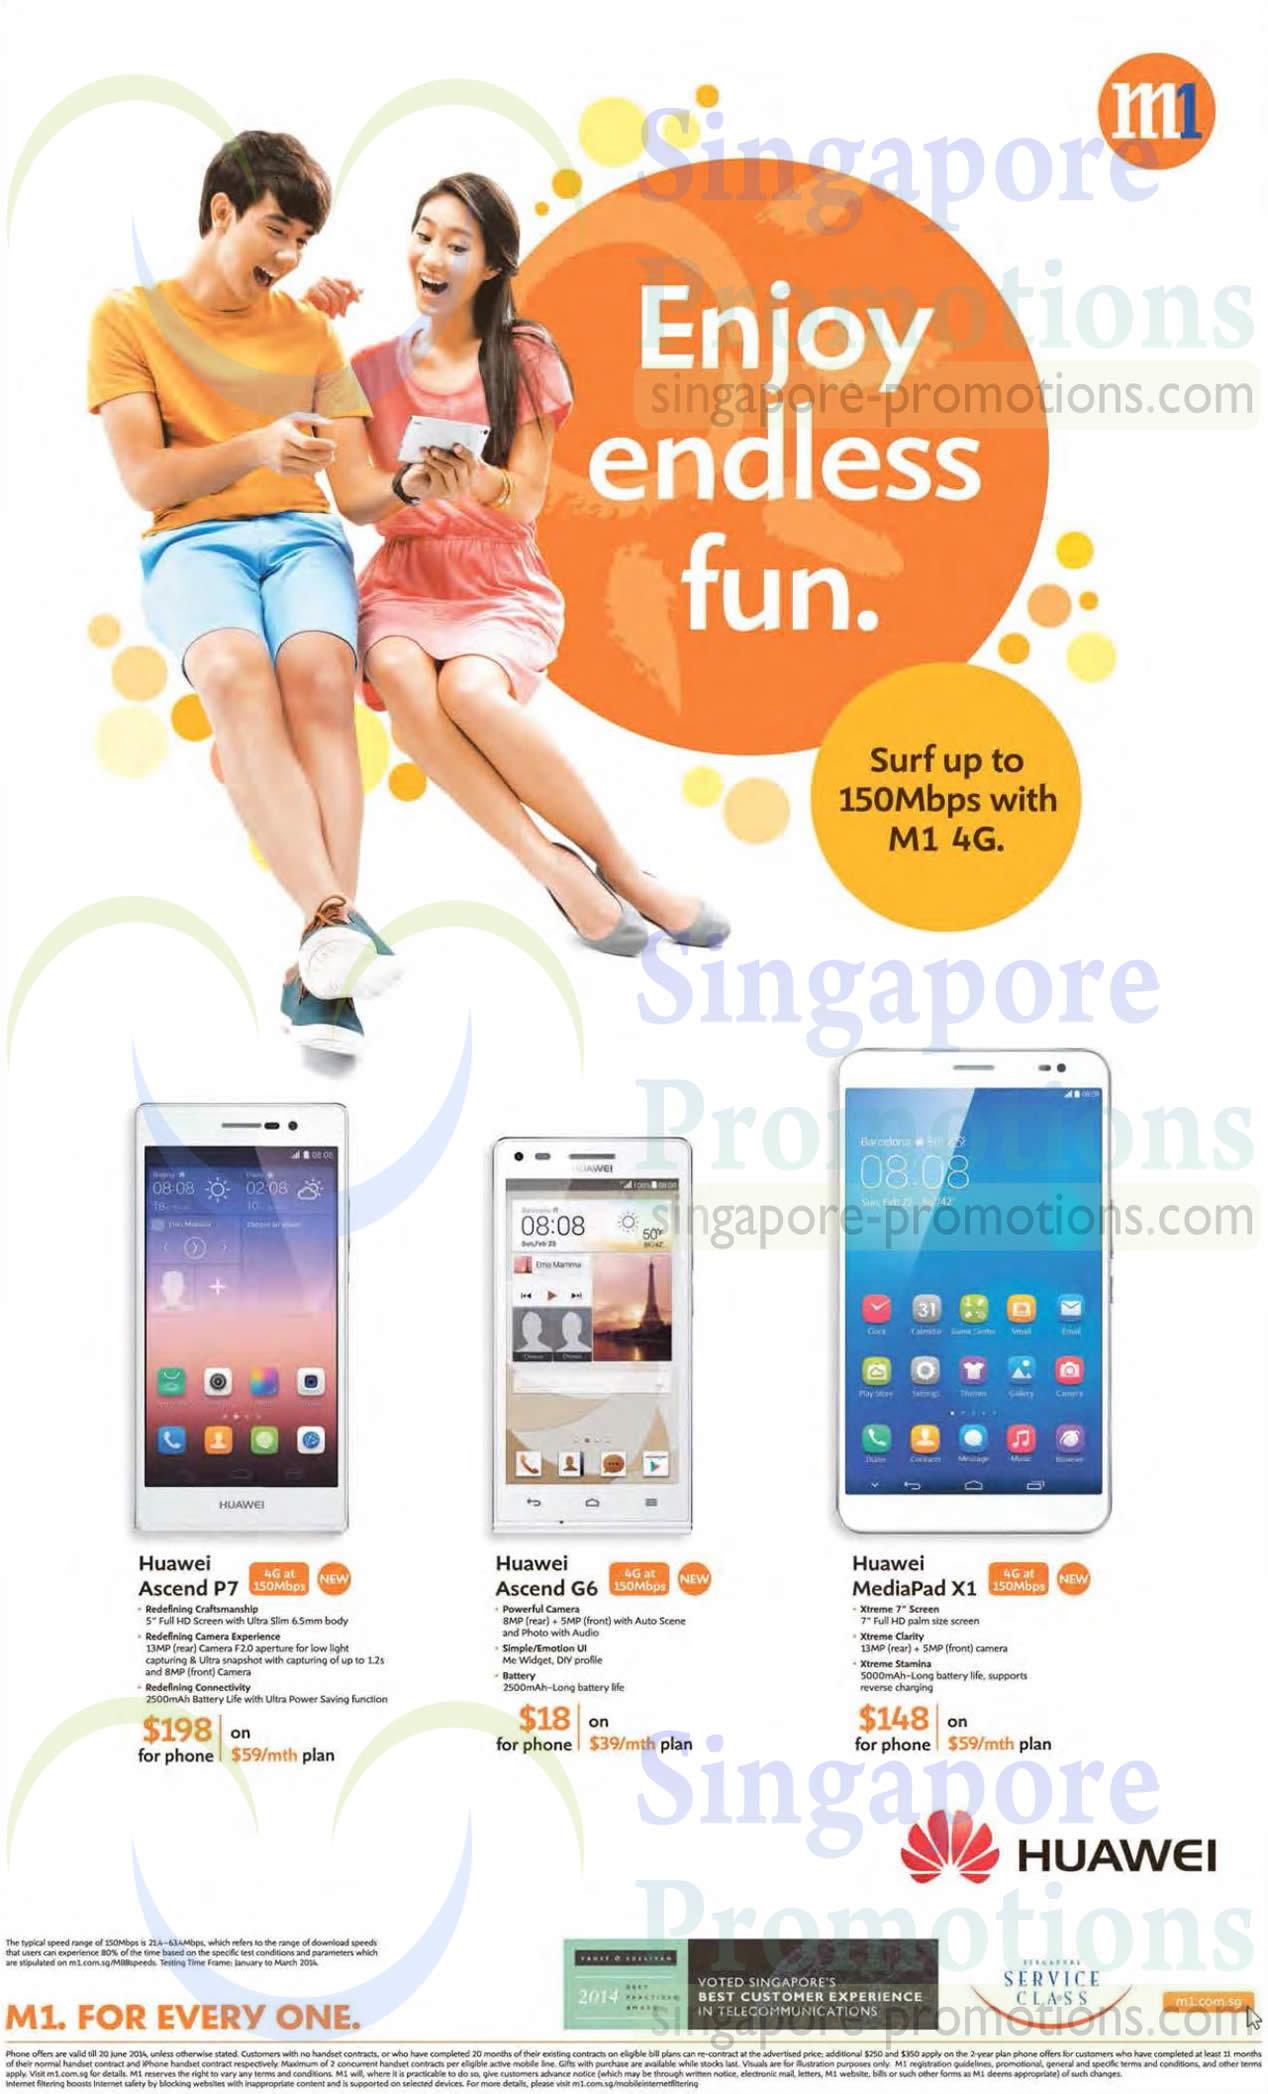 Huawei Ascend P7, Huawei Ascend G6, Huawei MediaPad X1